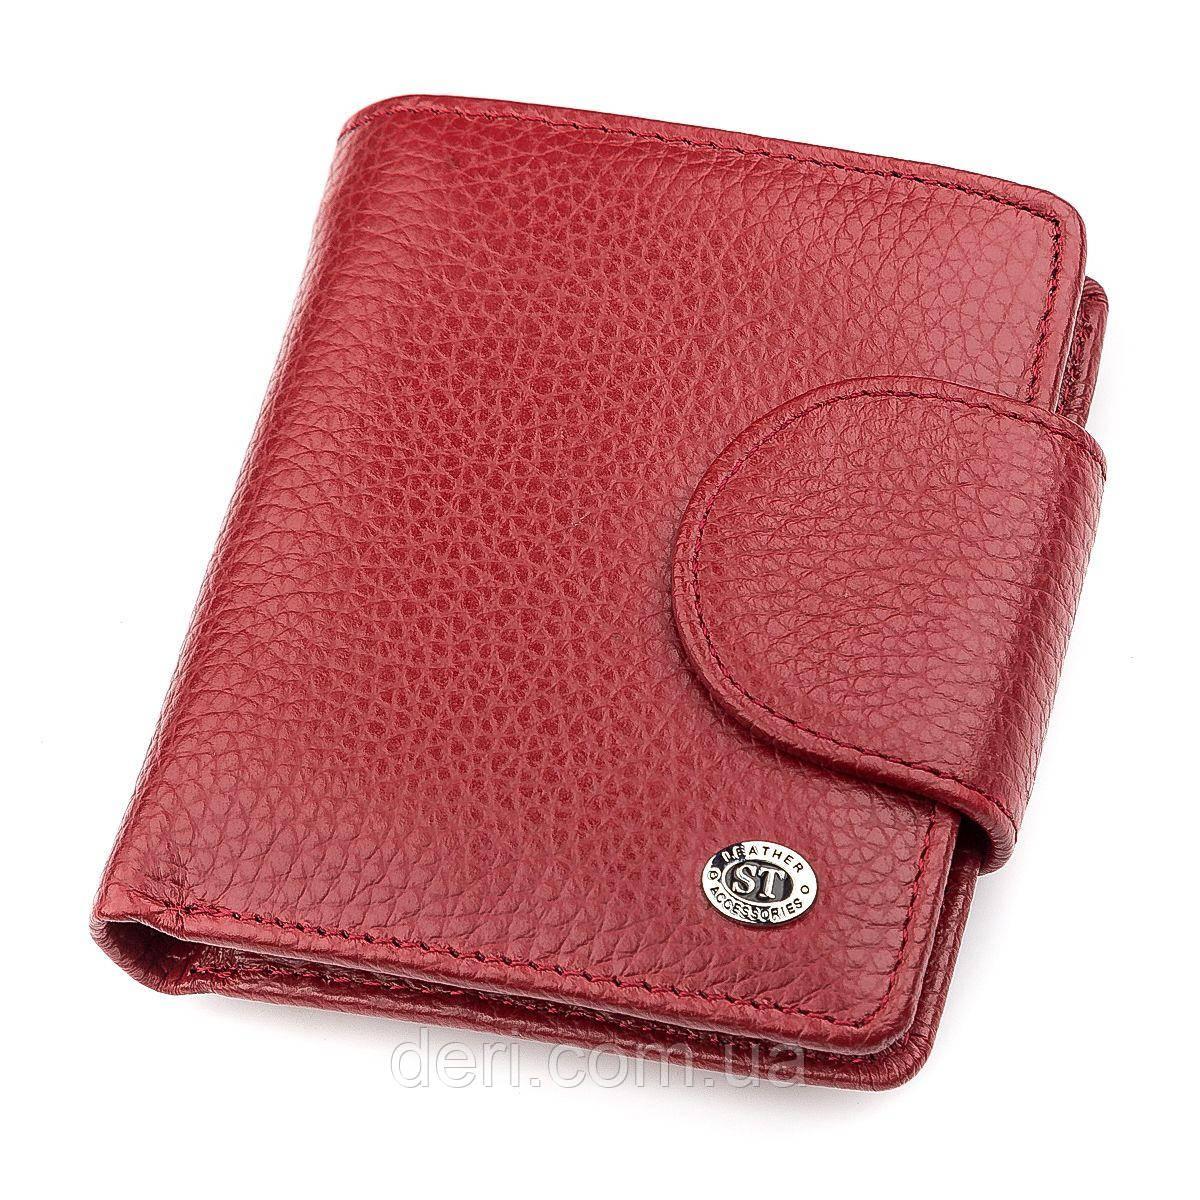 Кошелек женский ST Leather 18499 (ST415) небольшой Бордовый, Красный